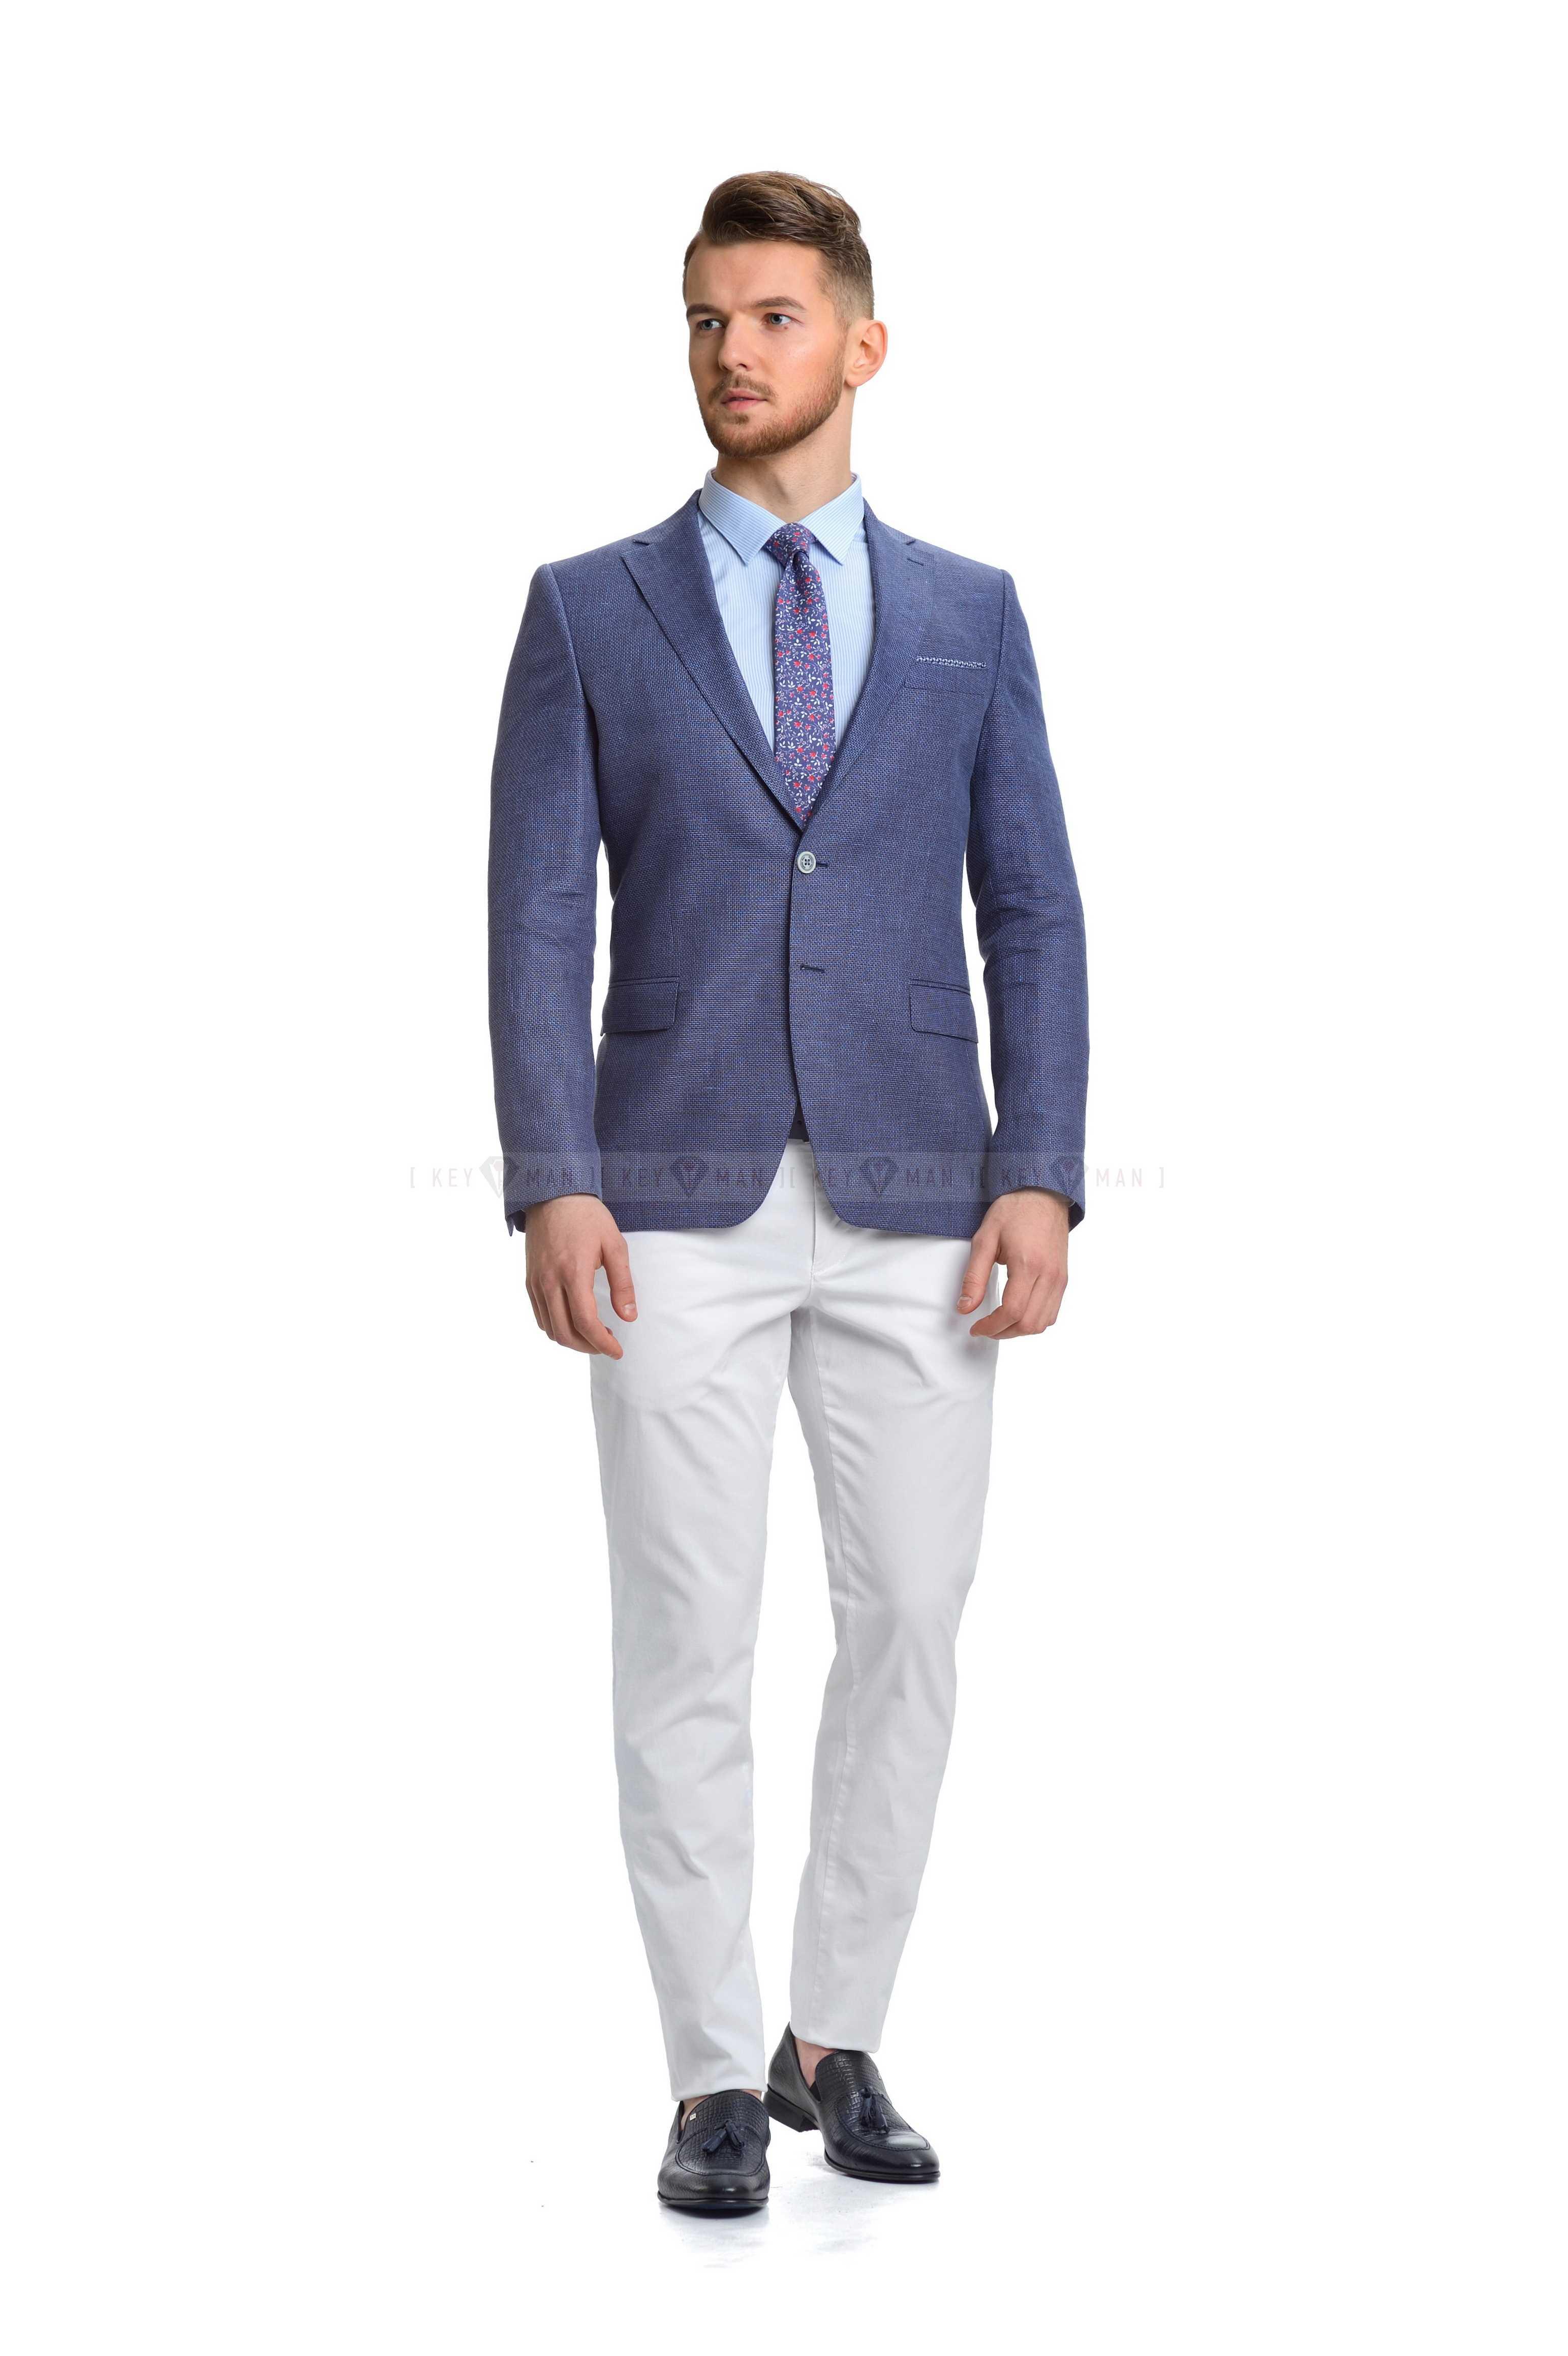 Пиджак мужской синий льняной